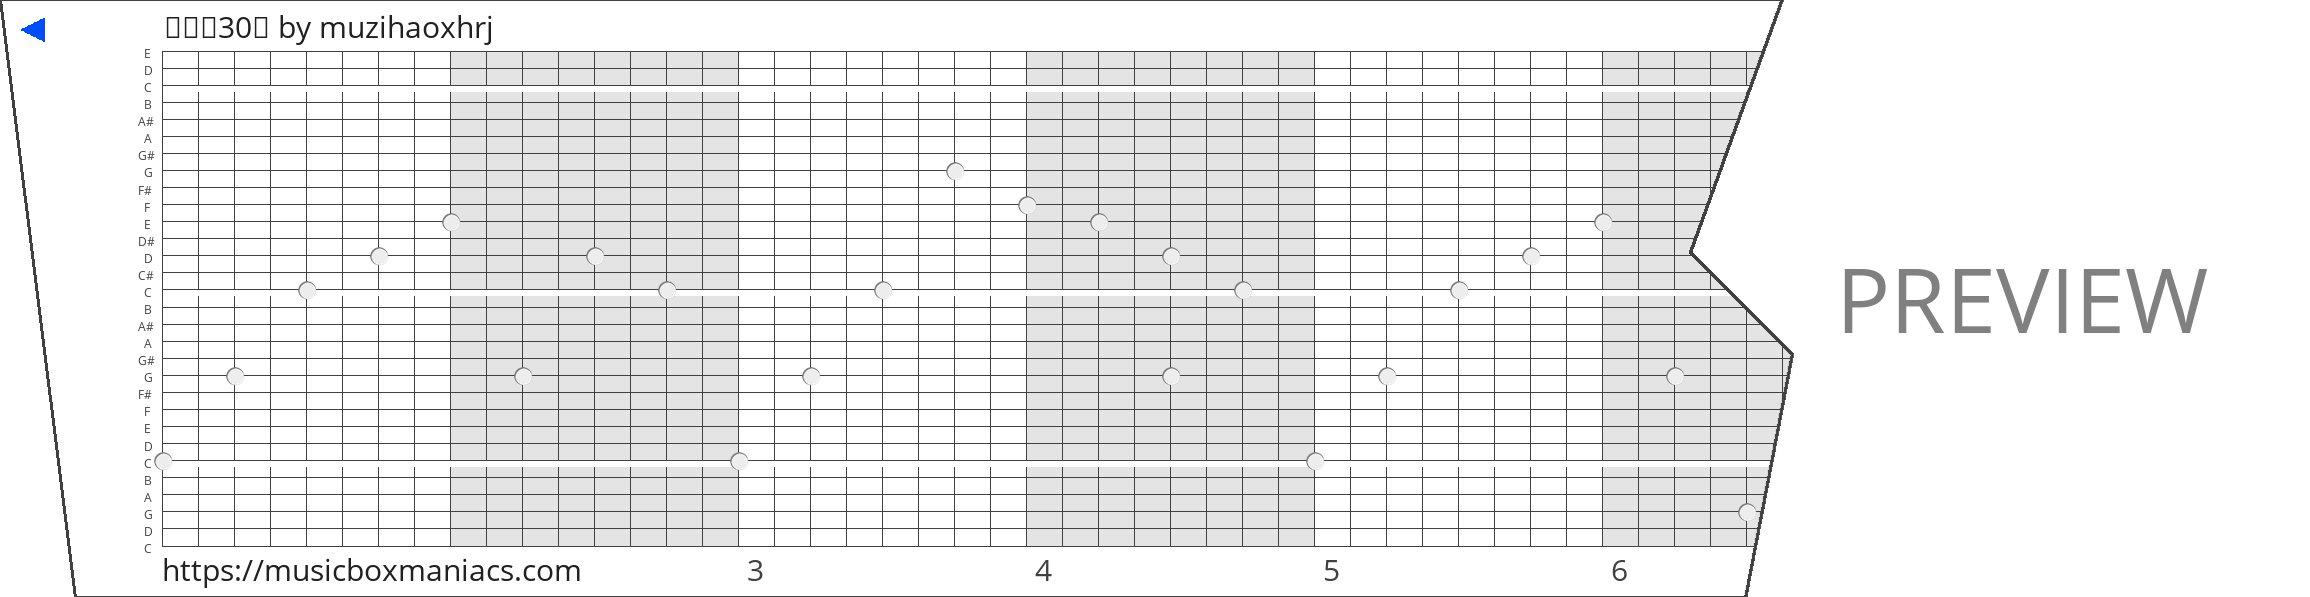 雪之梦30音 30 note music box paper strip